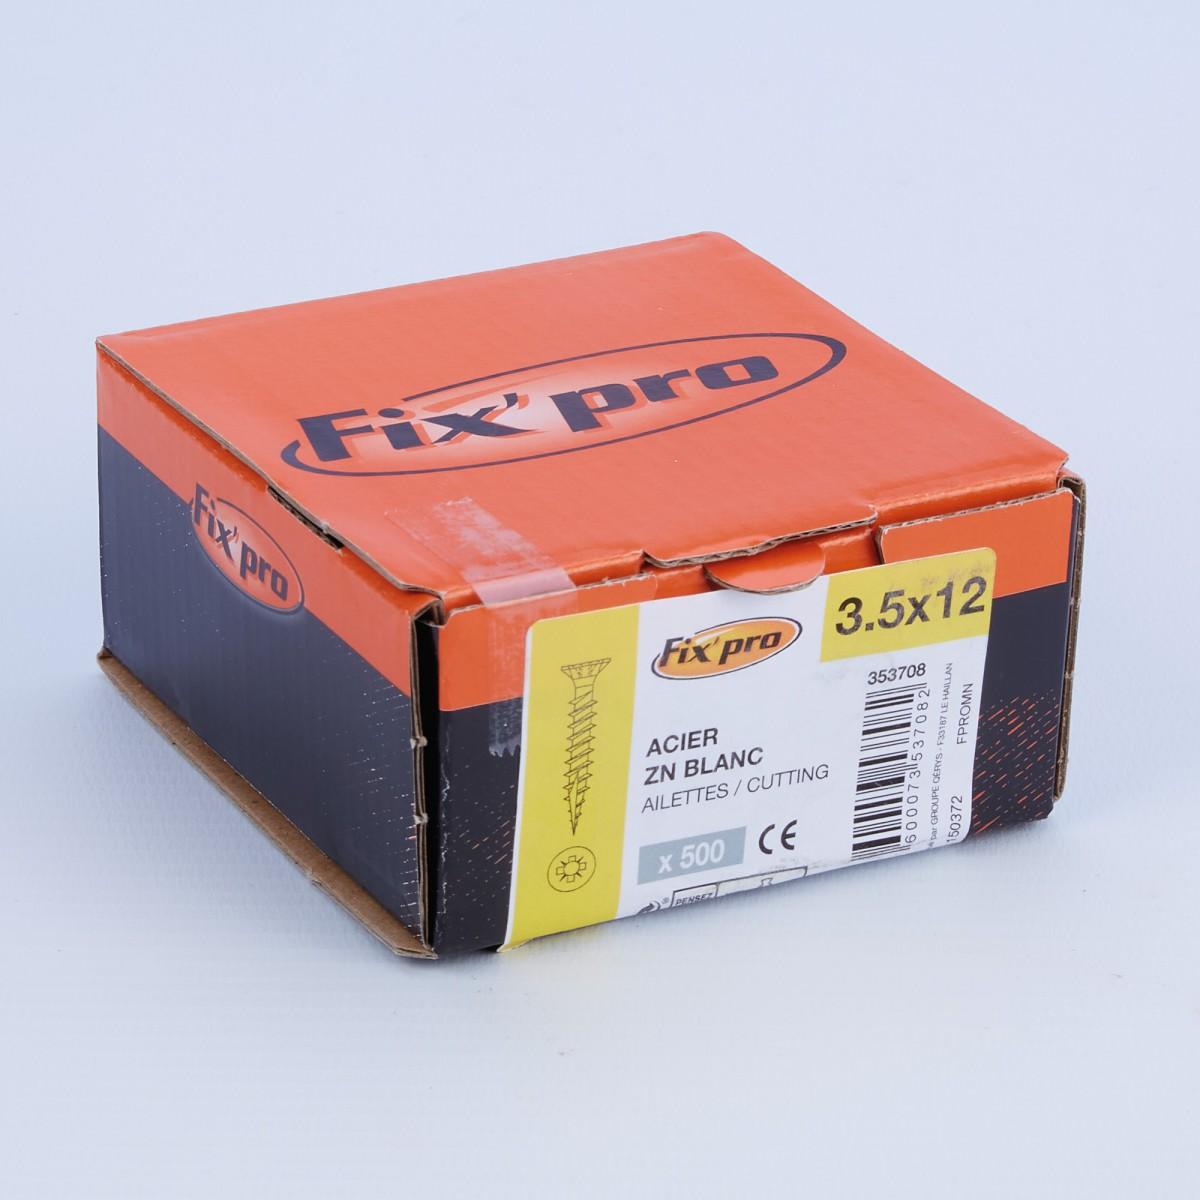 Vis à bois tête fraisée PZ - 3,5x12 - 500pces - Fixpro